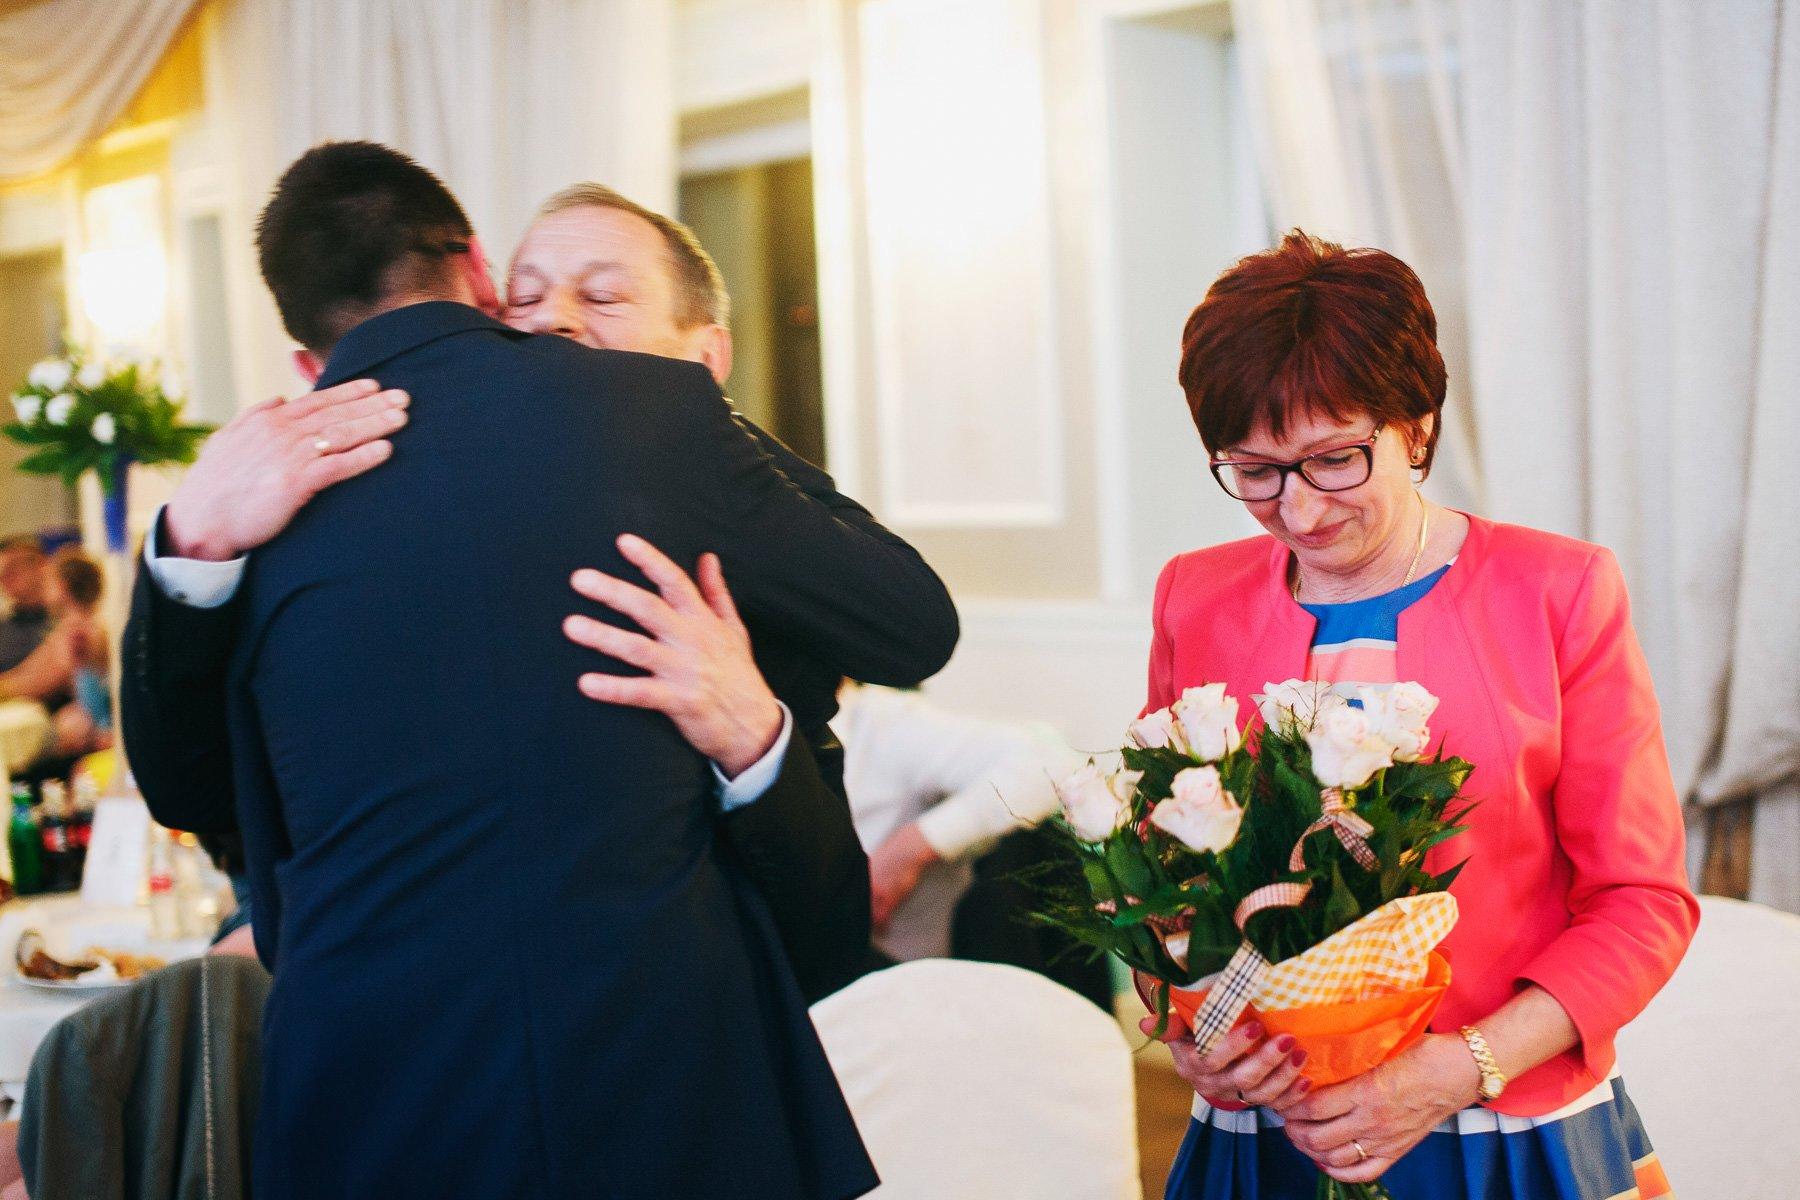 fotograf slub bielsko biala ania maciej 143 - Ślub w Bielsku-Białej - ANIA & MACIEJ